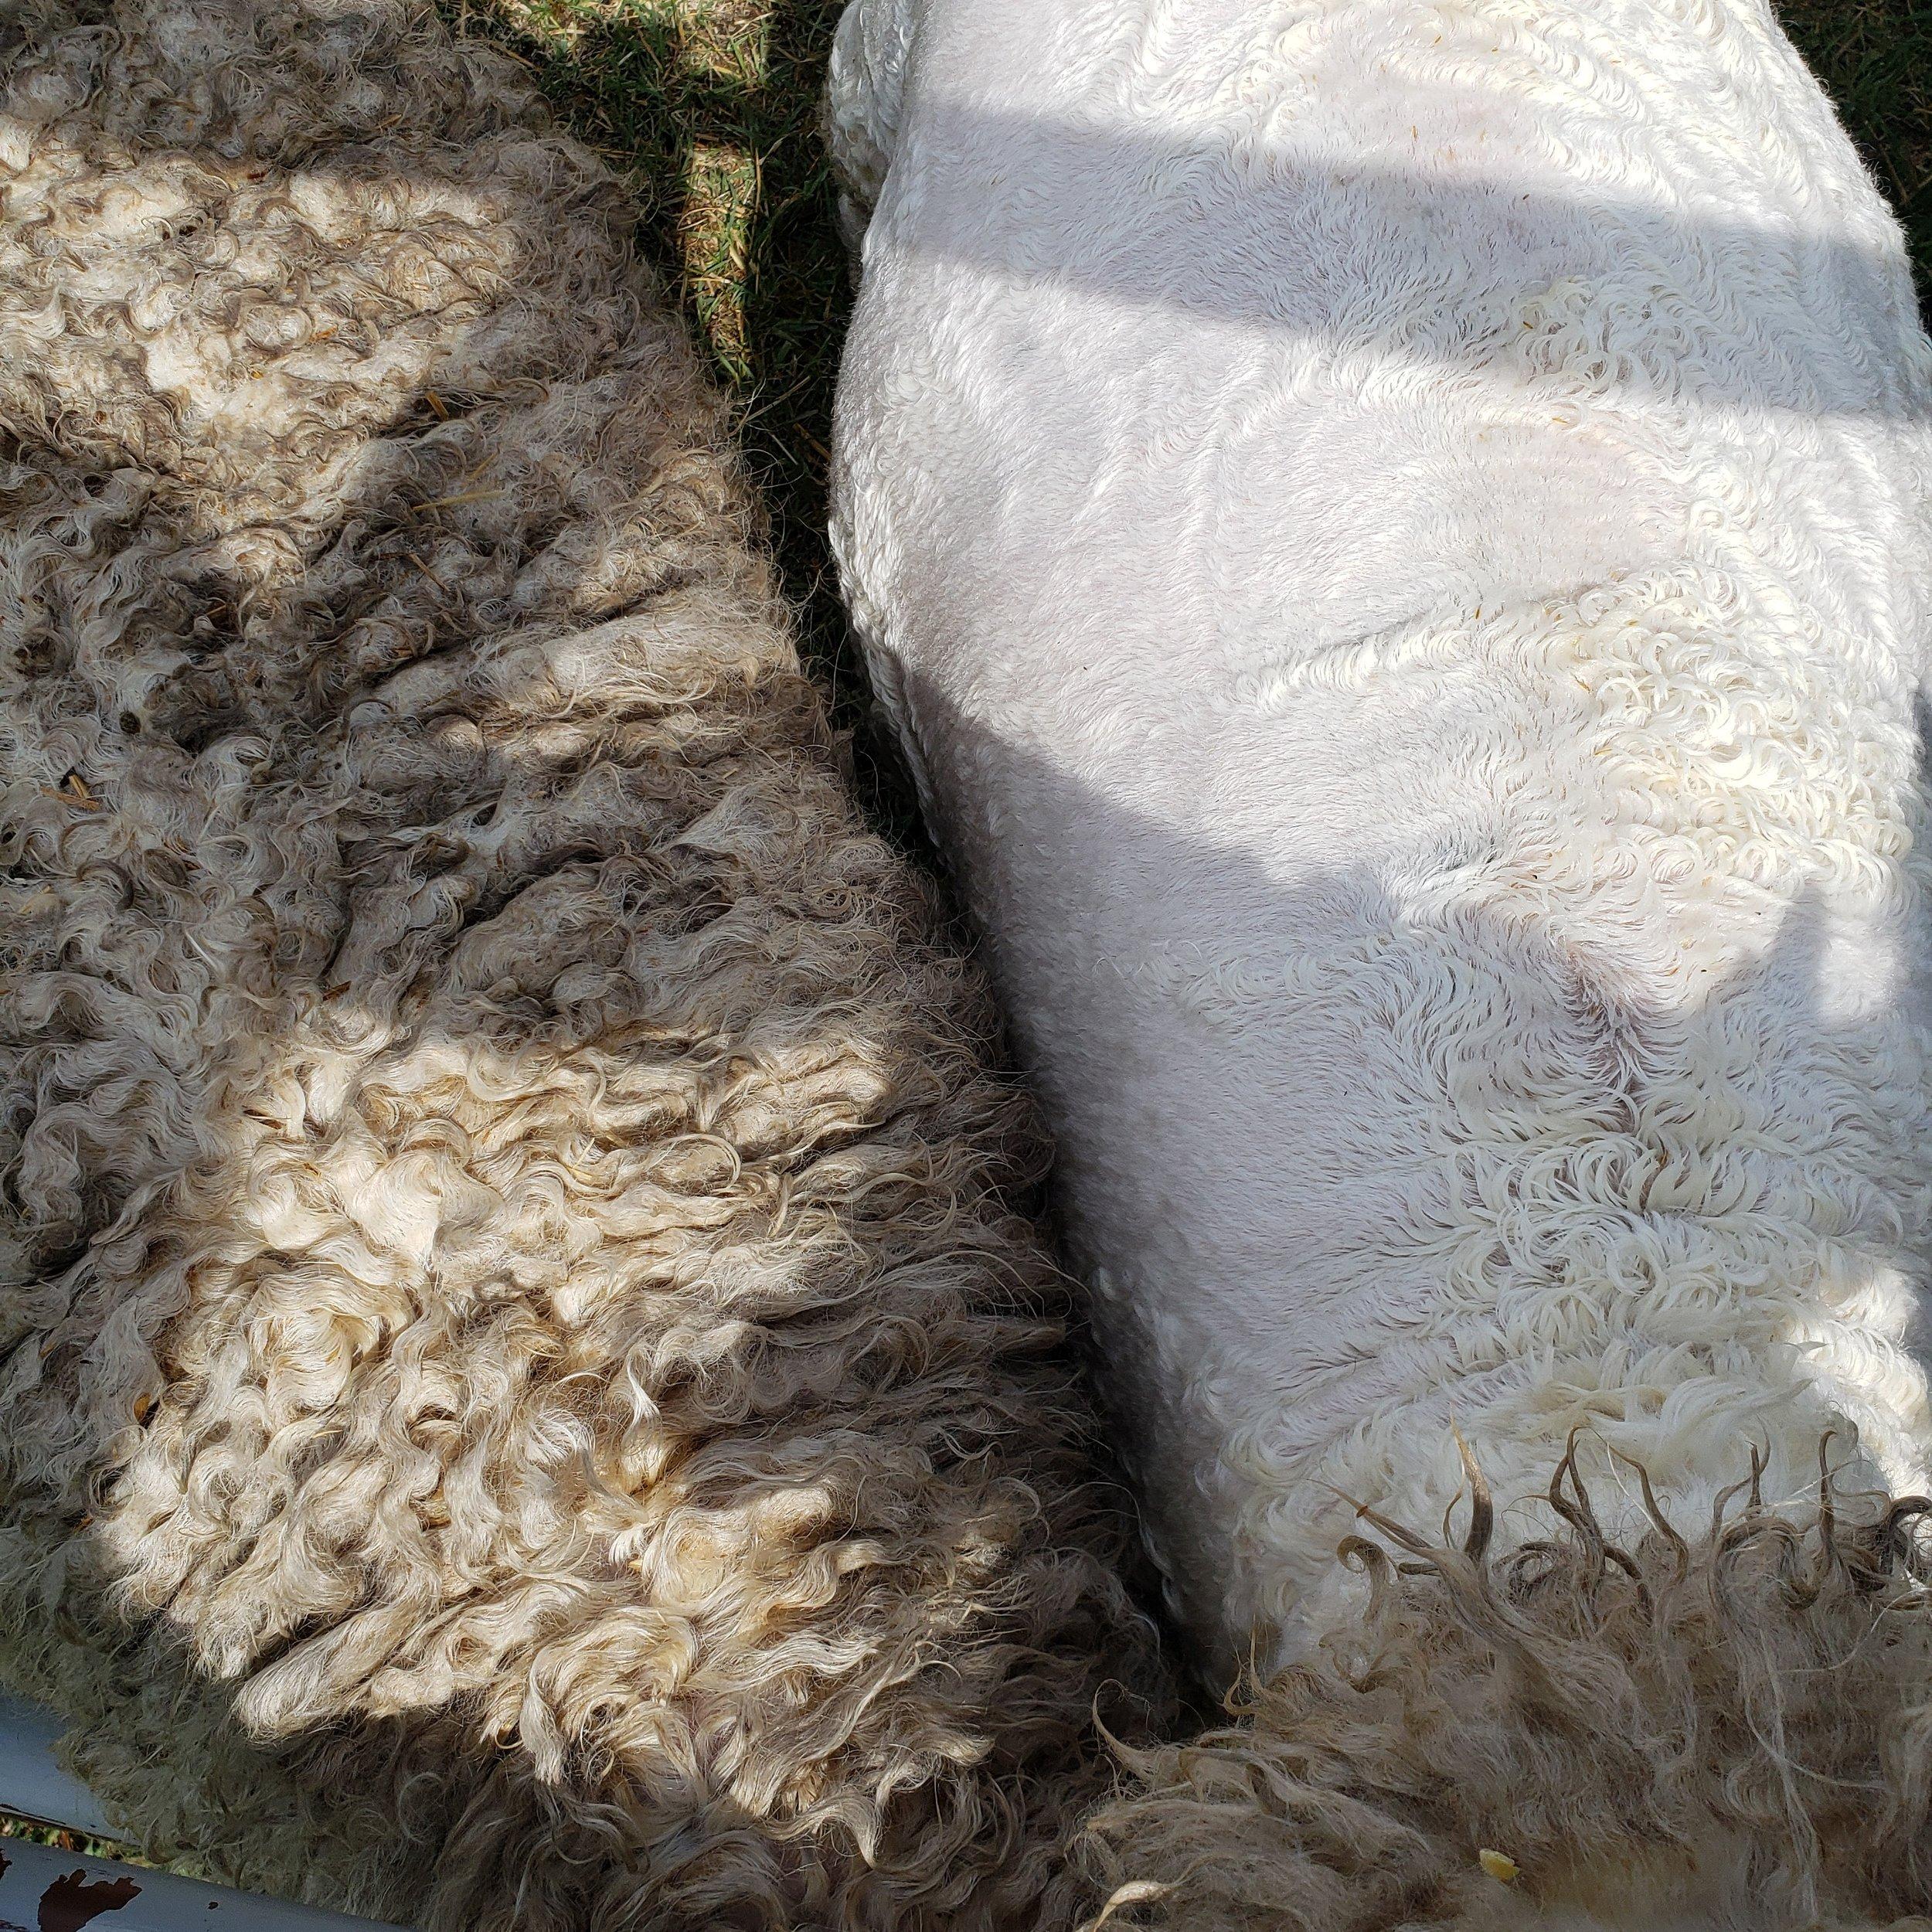 Full Fleece vs Sheared